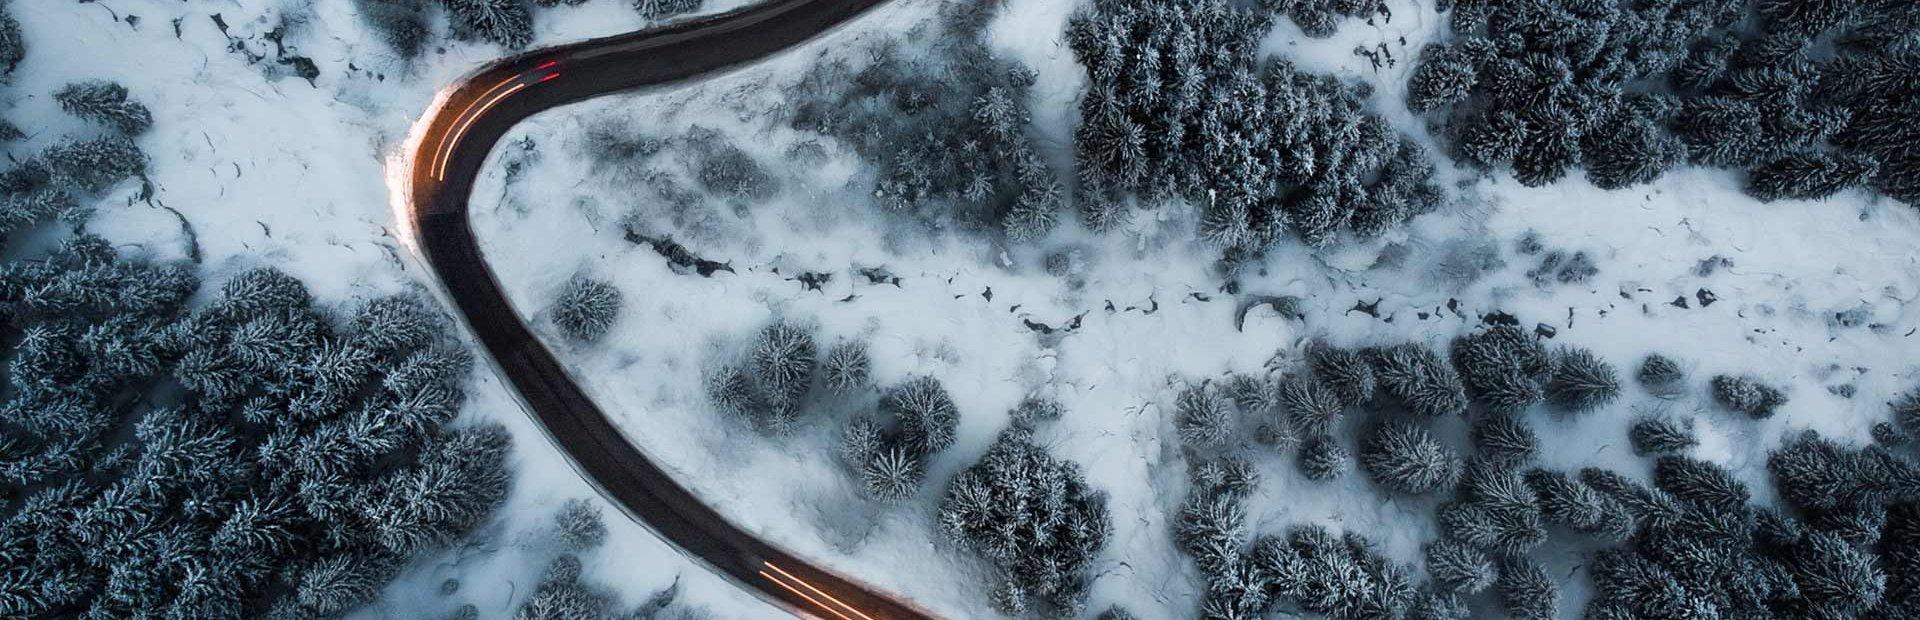 Hochfügen Straße Anfahrt Zillertal Skigebiet